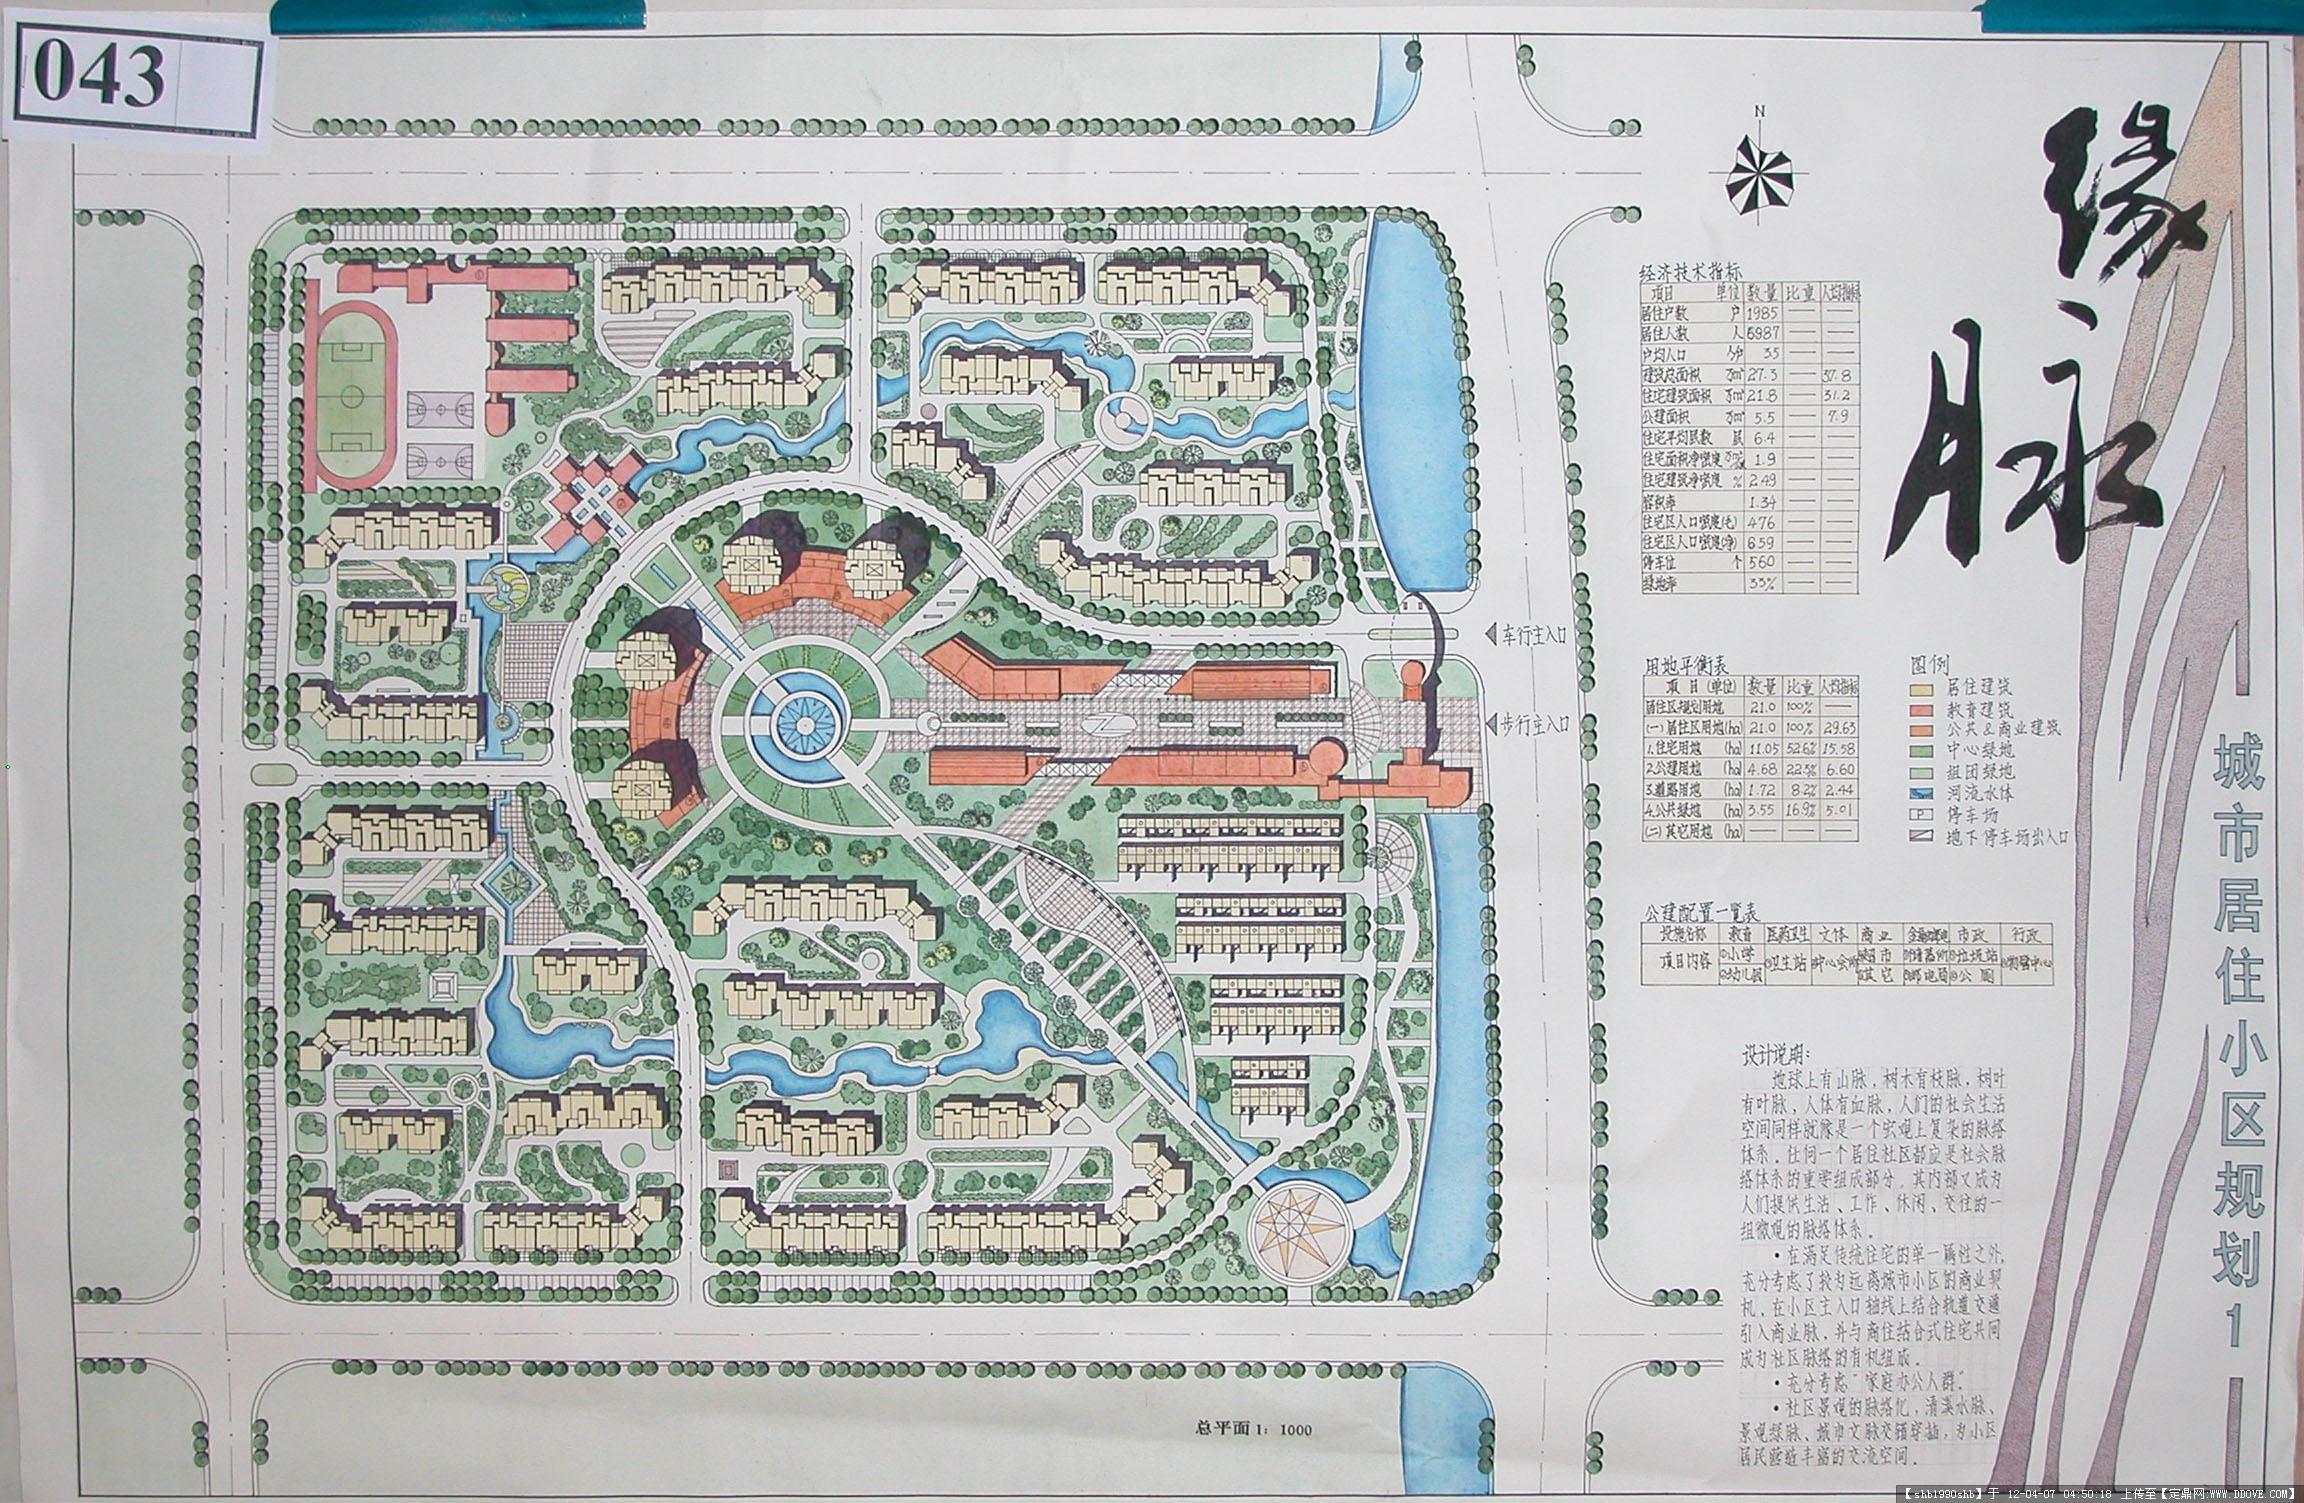 居住区规划-541-天津大学.jpg